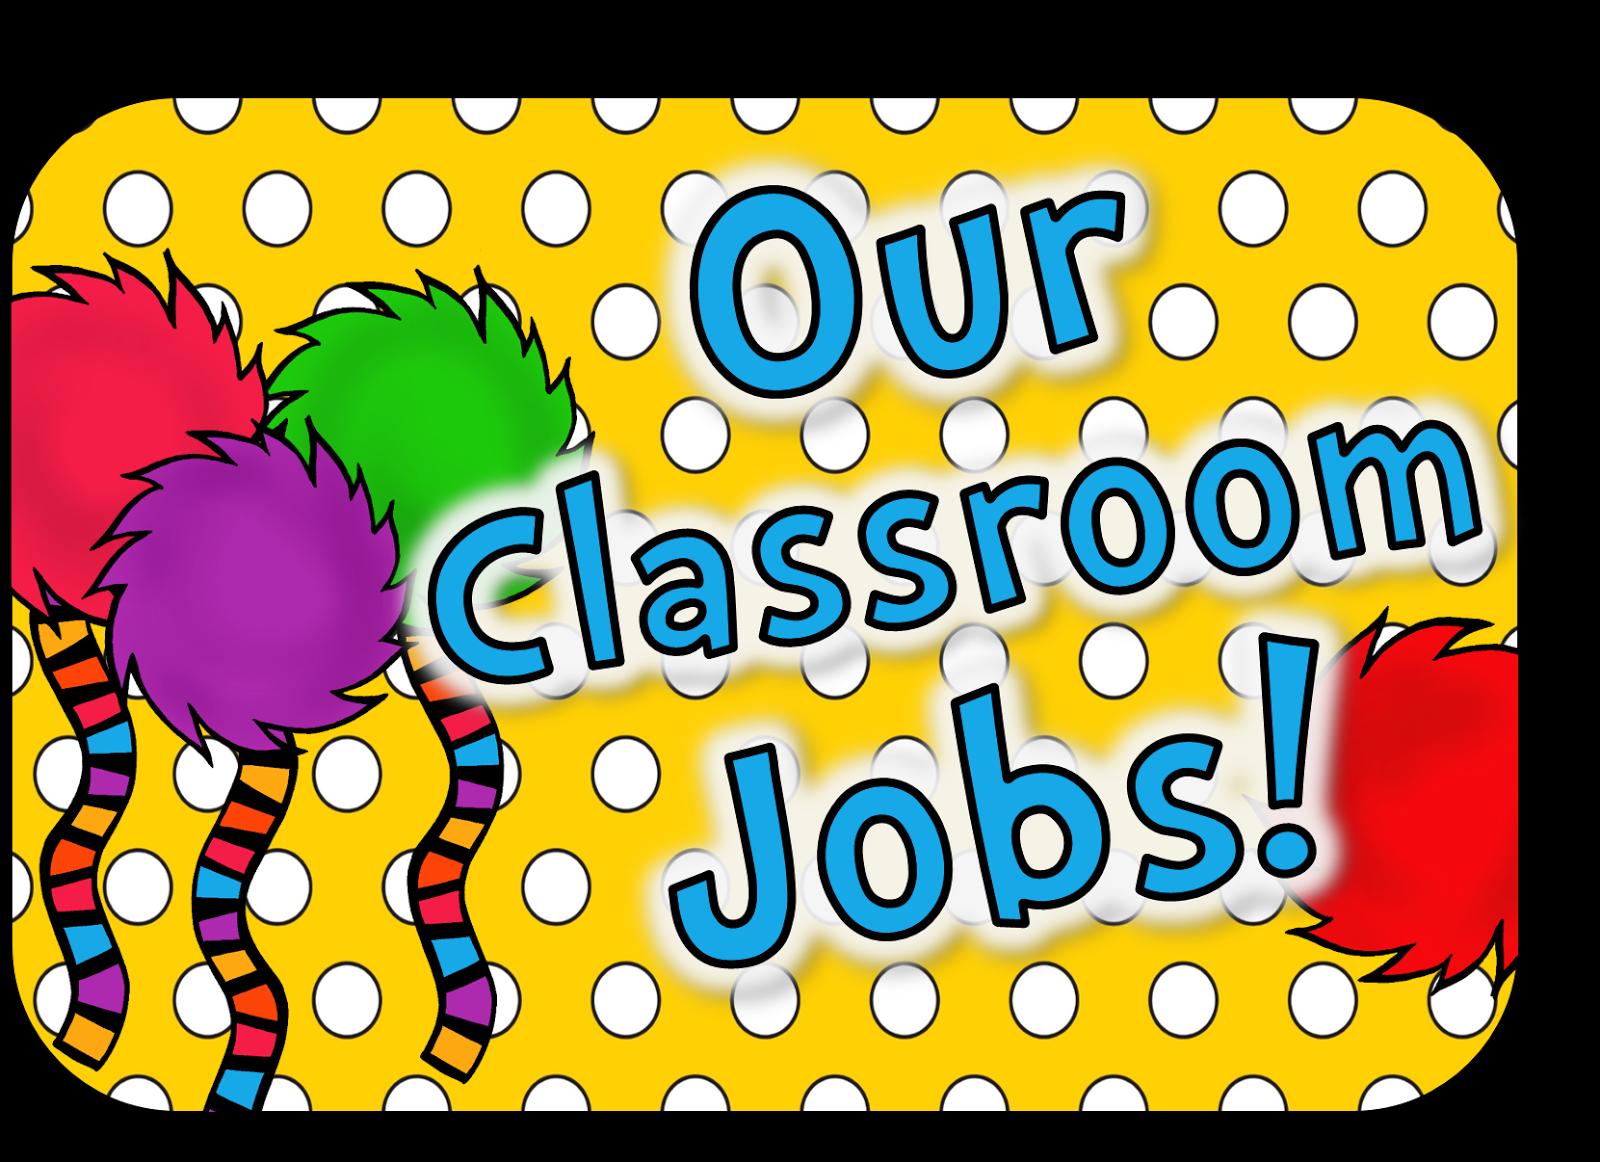 Classroom Job Clipart.